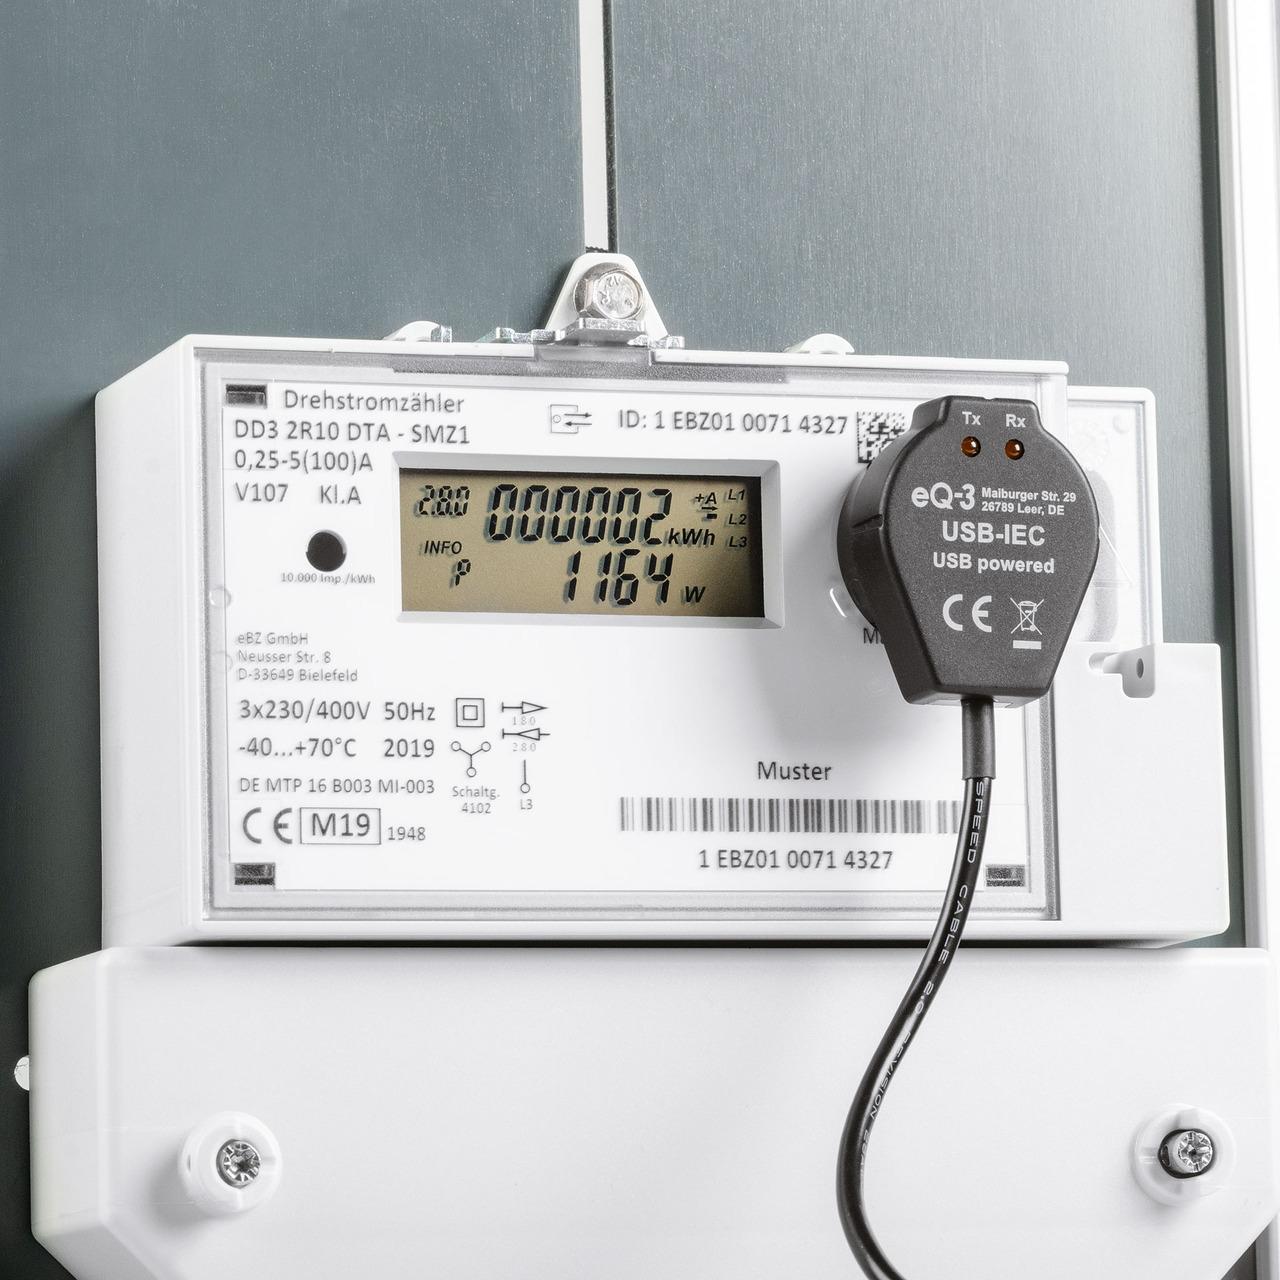 ELV Bausatz Lesekopf mit USB-Schnittstelle für digitale Zähler USB-IEC